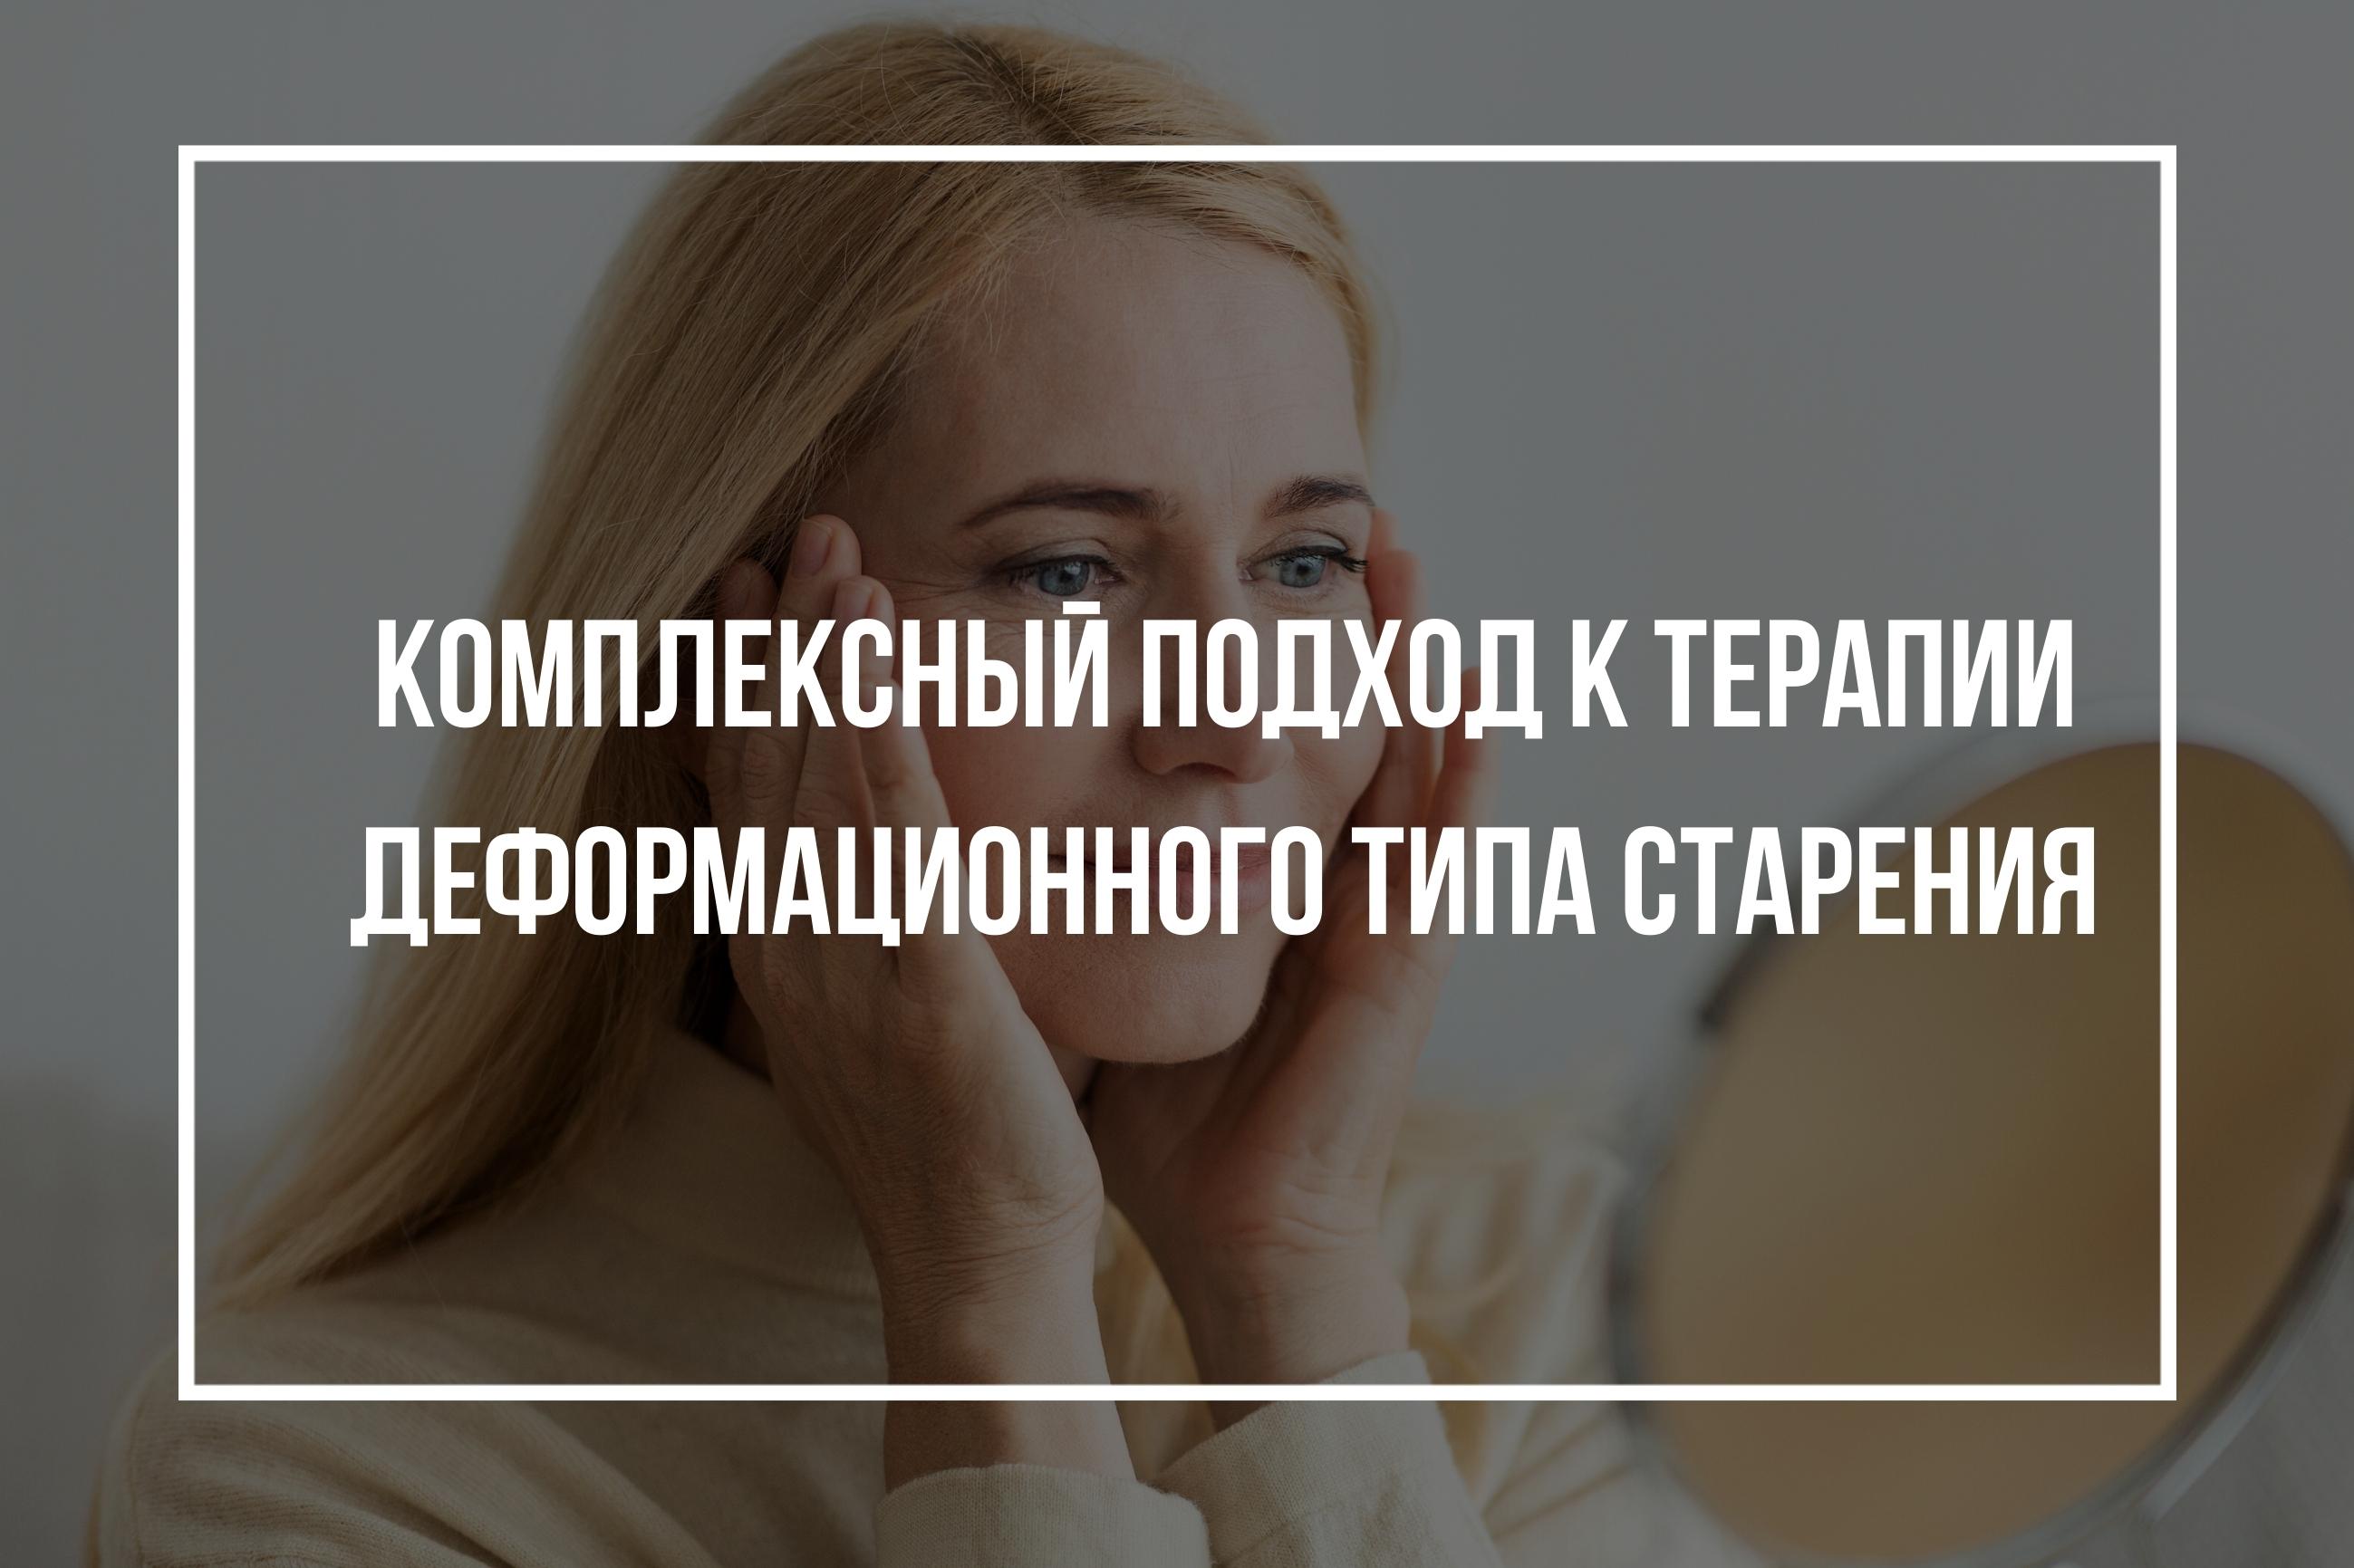 Комплексный подход к терапии деформационного типа старения